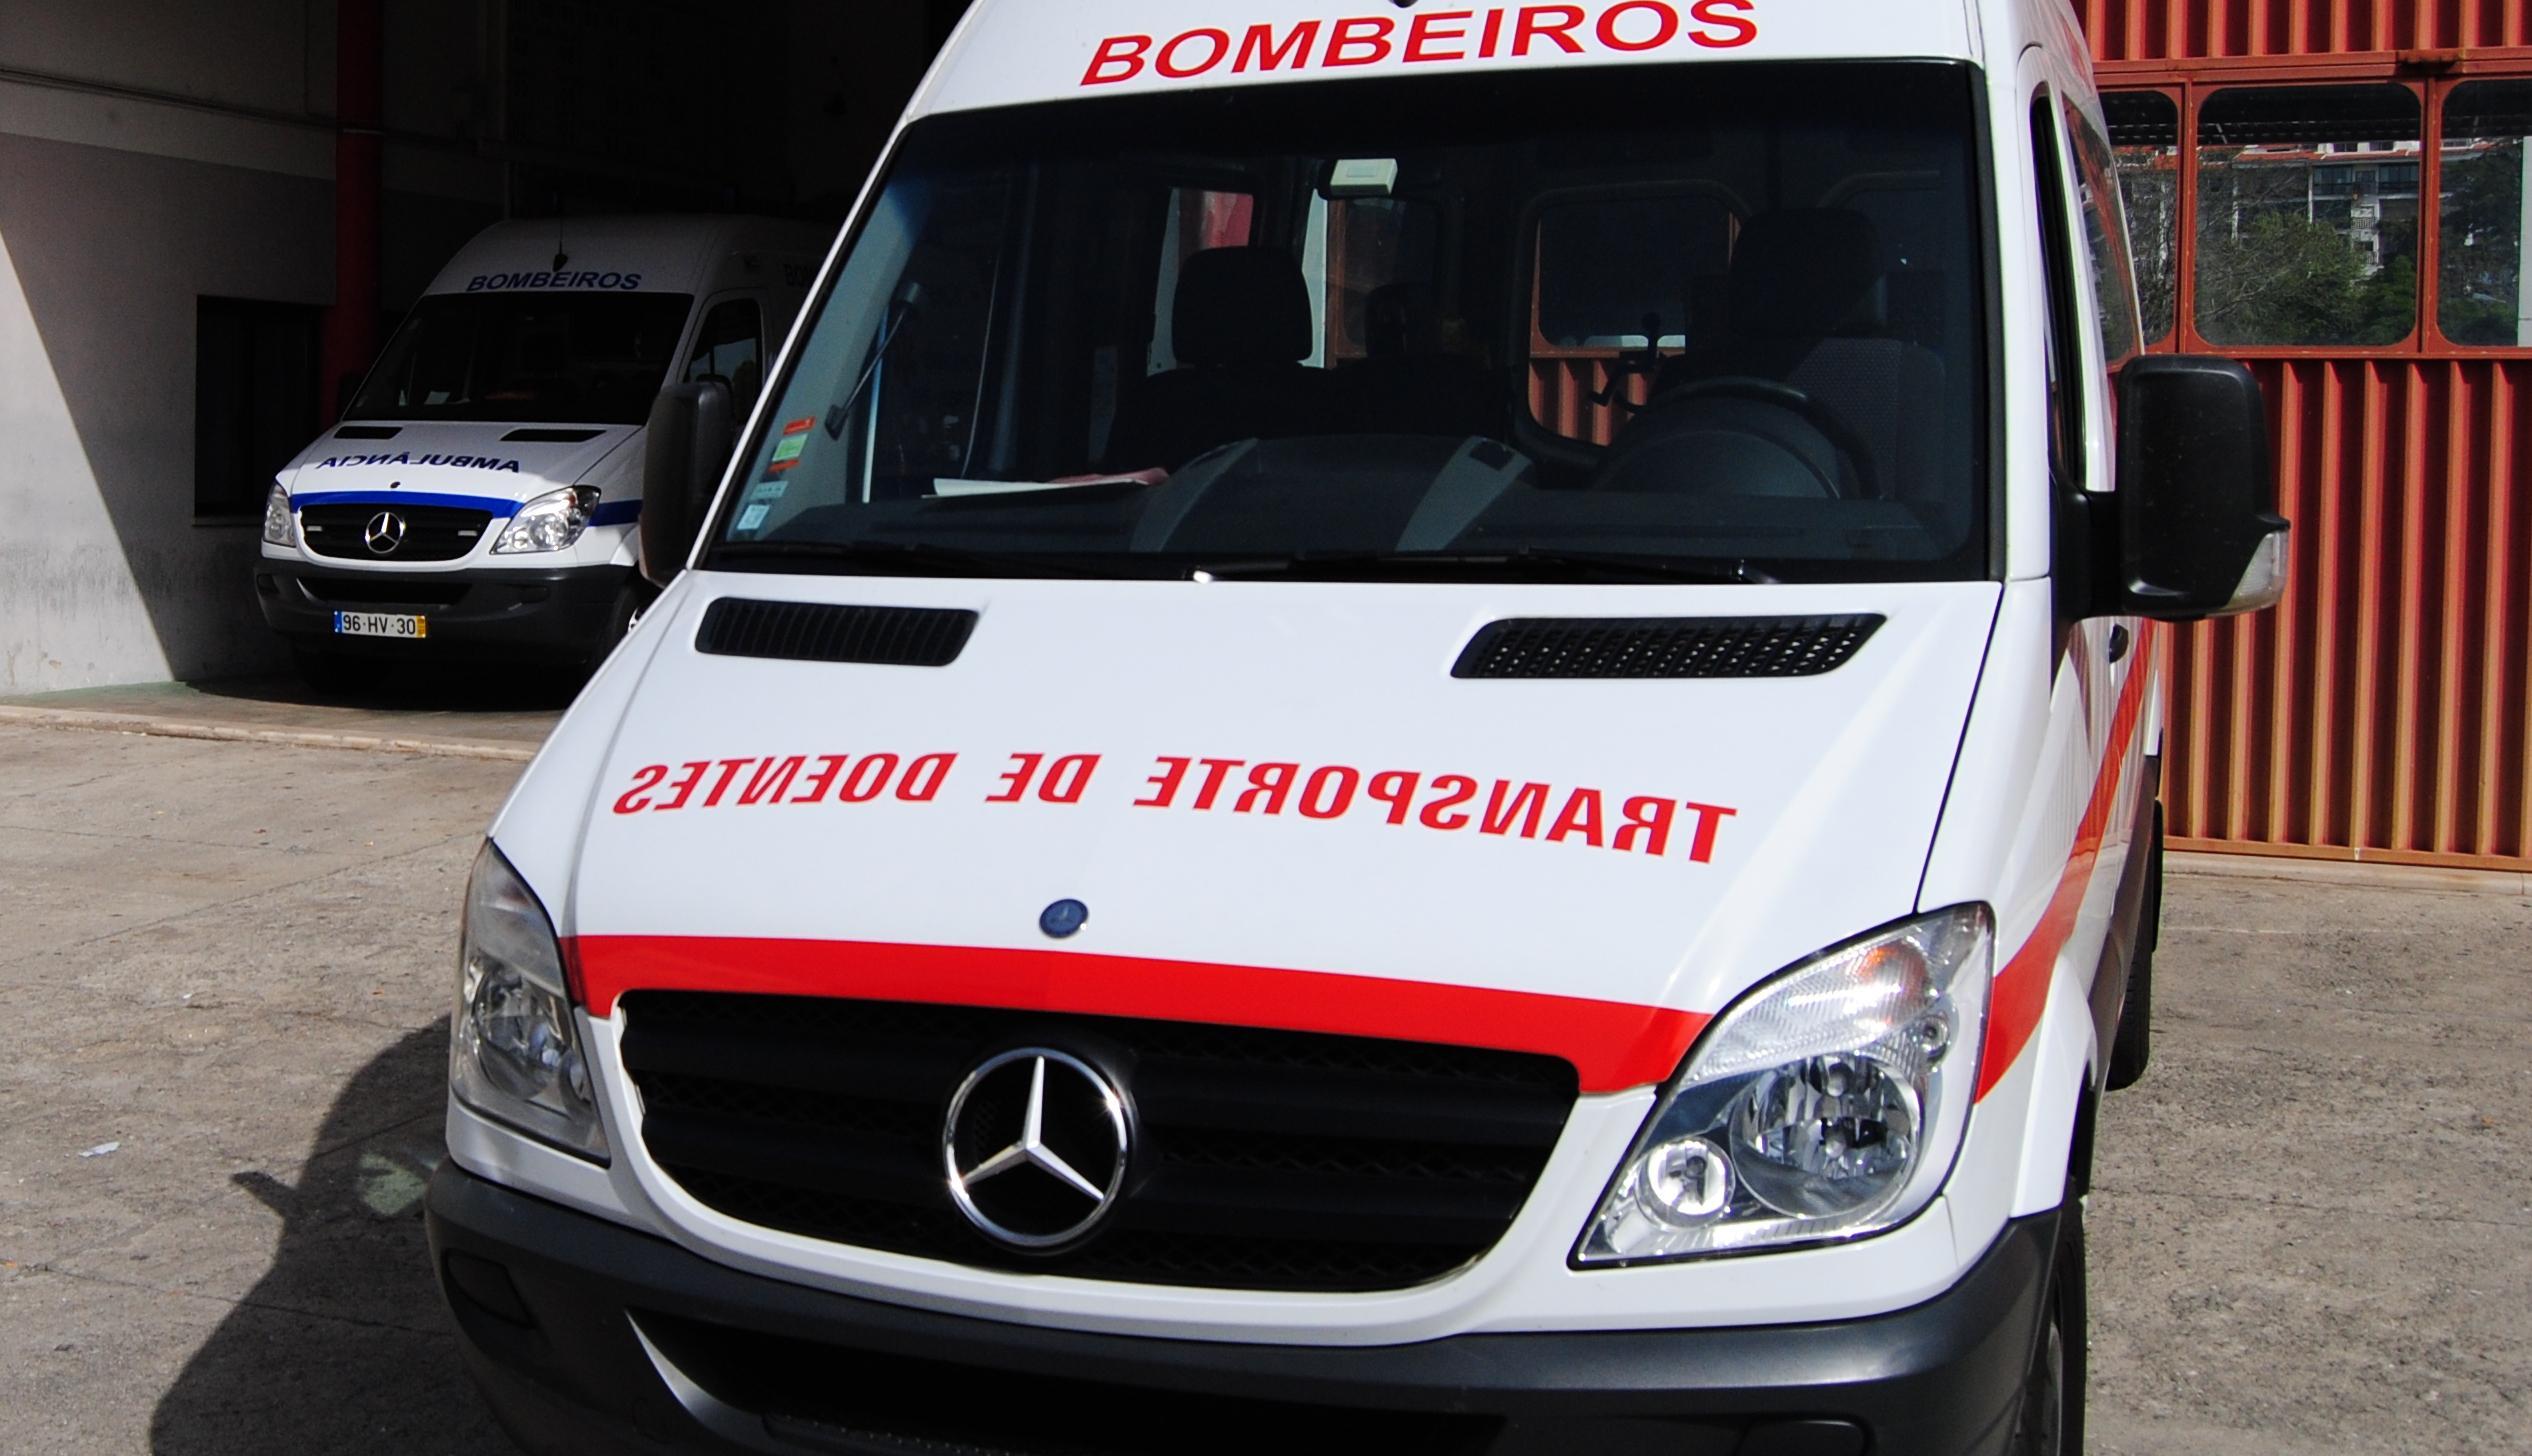 Hospital de Évora lança concurso para contratar transporte de doentes não urgentes, em que o valor é o único critério